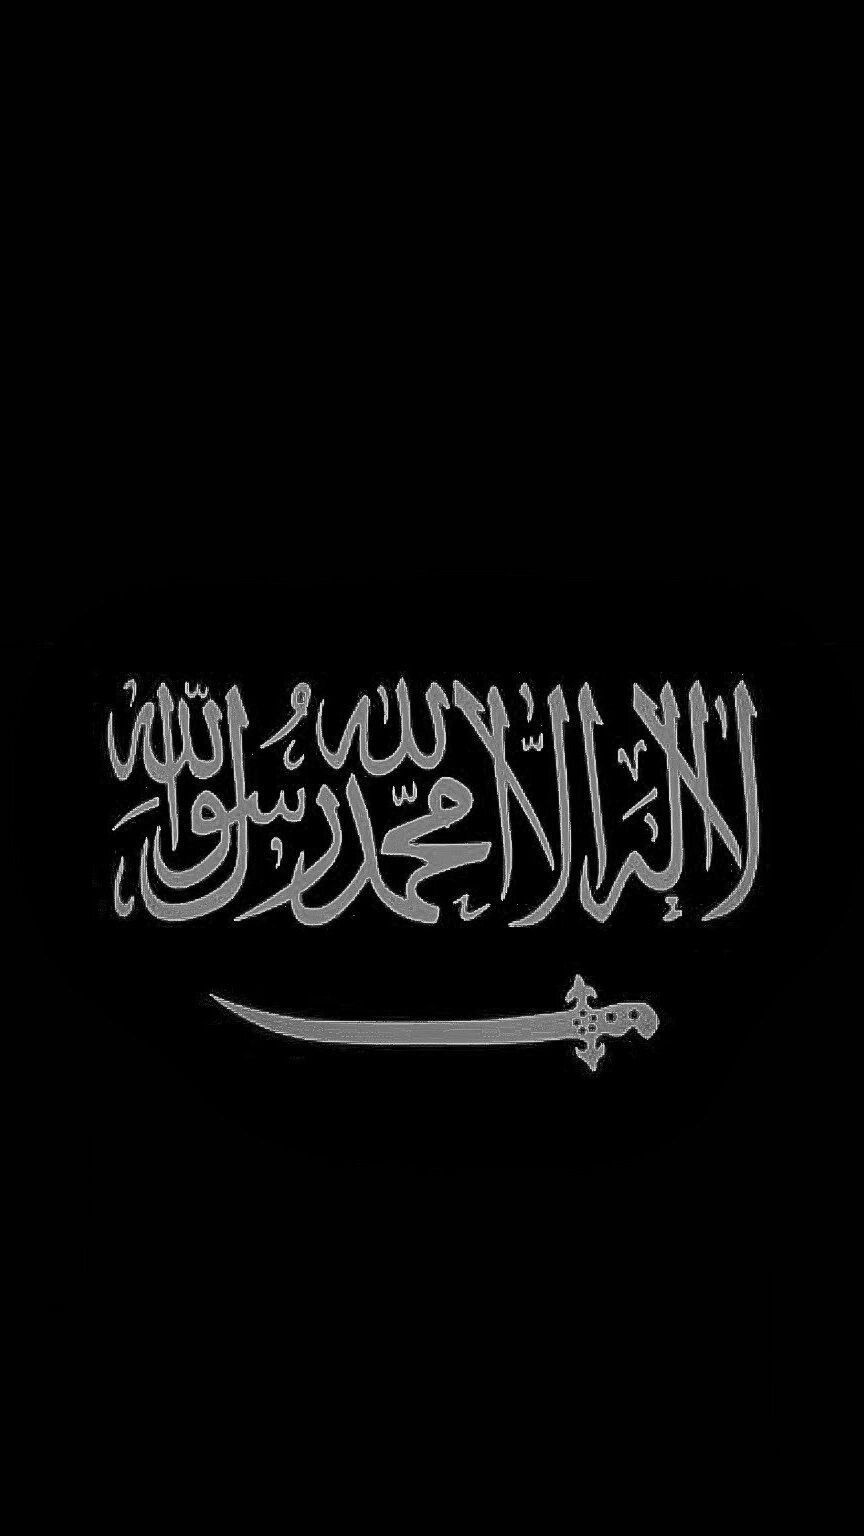 From Uploaded By User Seni Kaligrafi Seni Islamis Cinta Allah